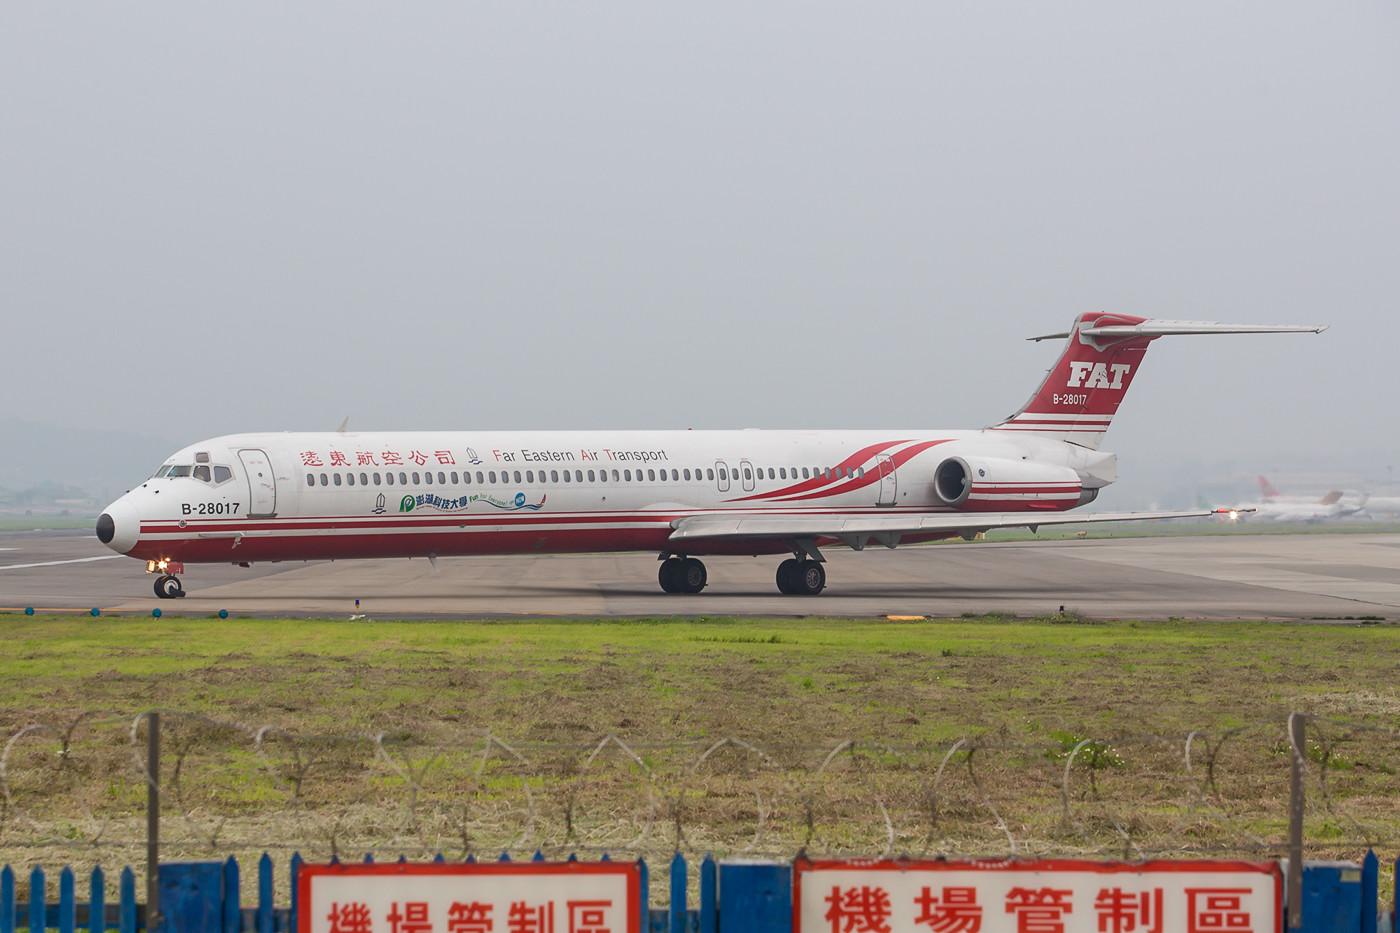 Eine der MD-82, die die Far Eastern Air Transport noch betreibt.